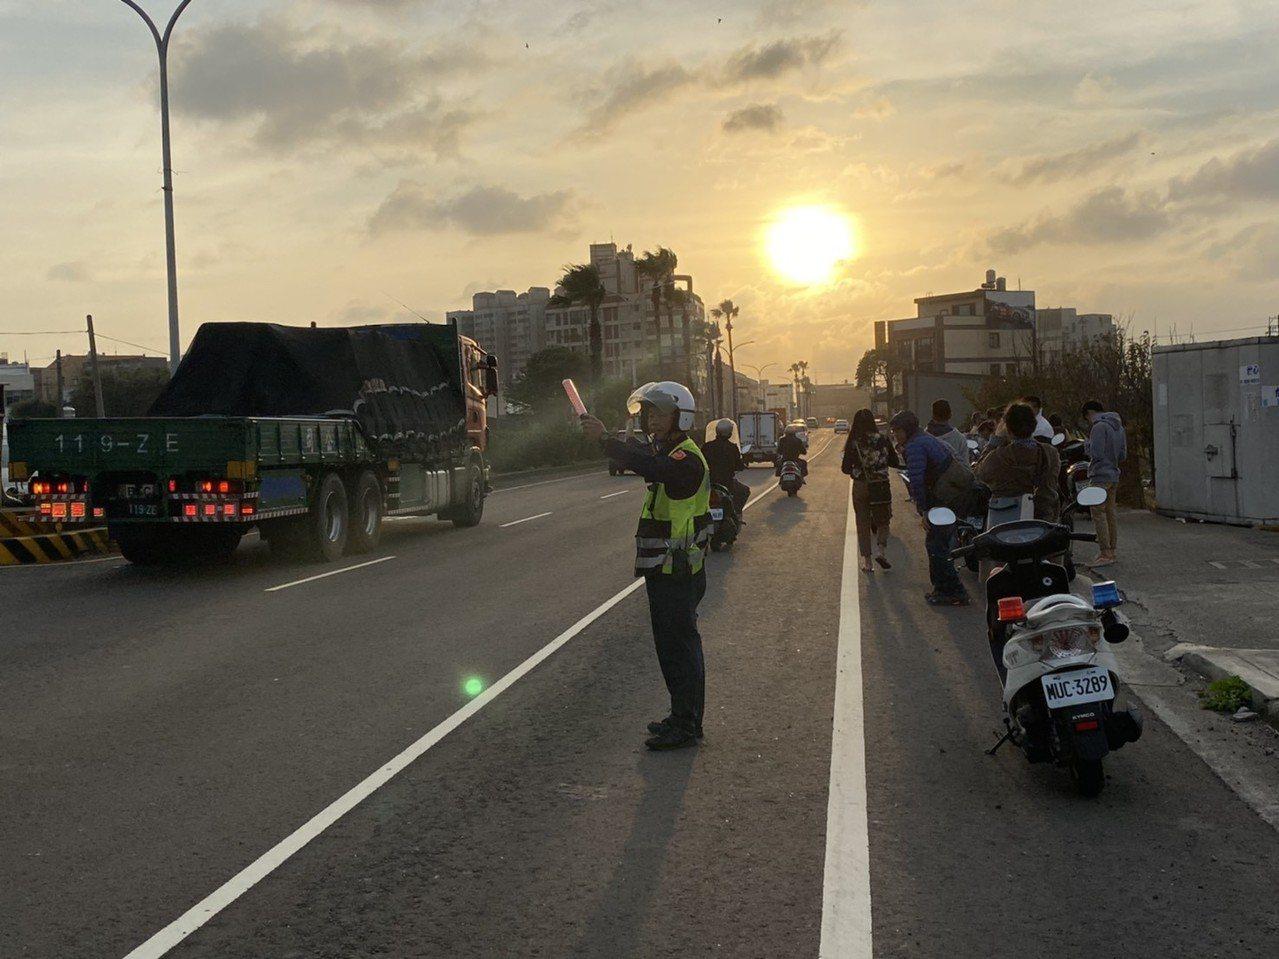 台中市大甲區經國路今天傍晚的懸日,警察在場維持交通安全和秩序。圖/民眾提供